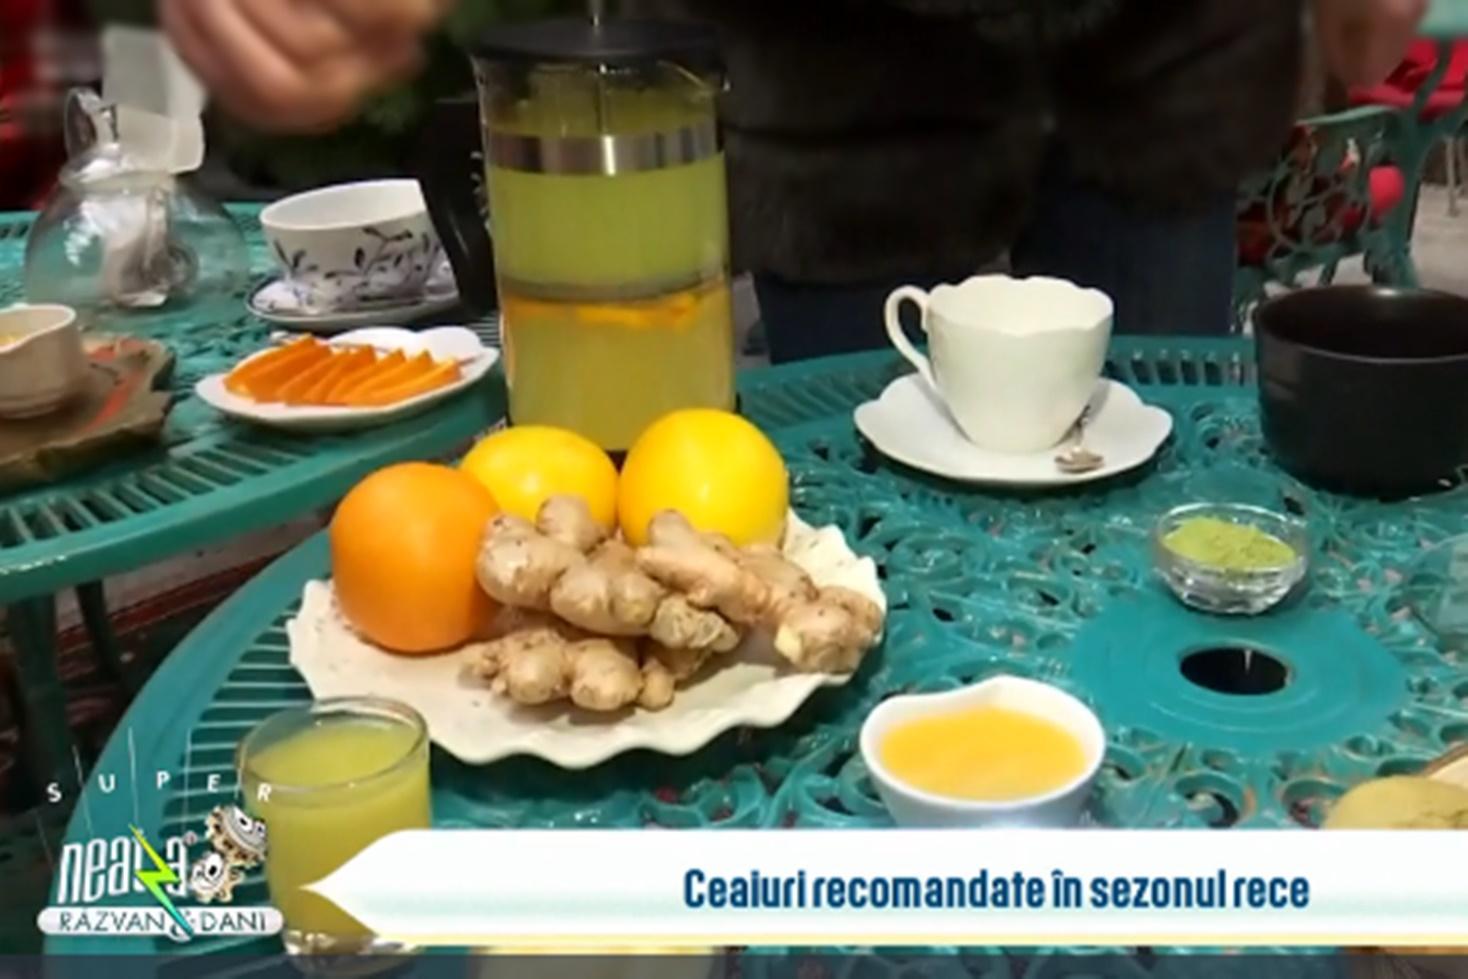 Cele mai utile ceaiuri în sezonul rece, recomandate de specialiști la Neatza cu Răzvan și Dani